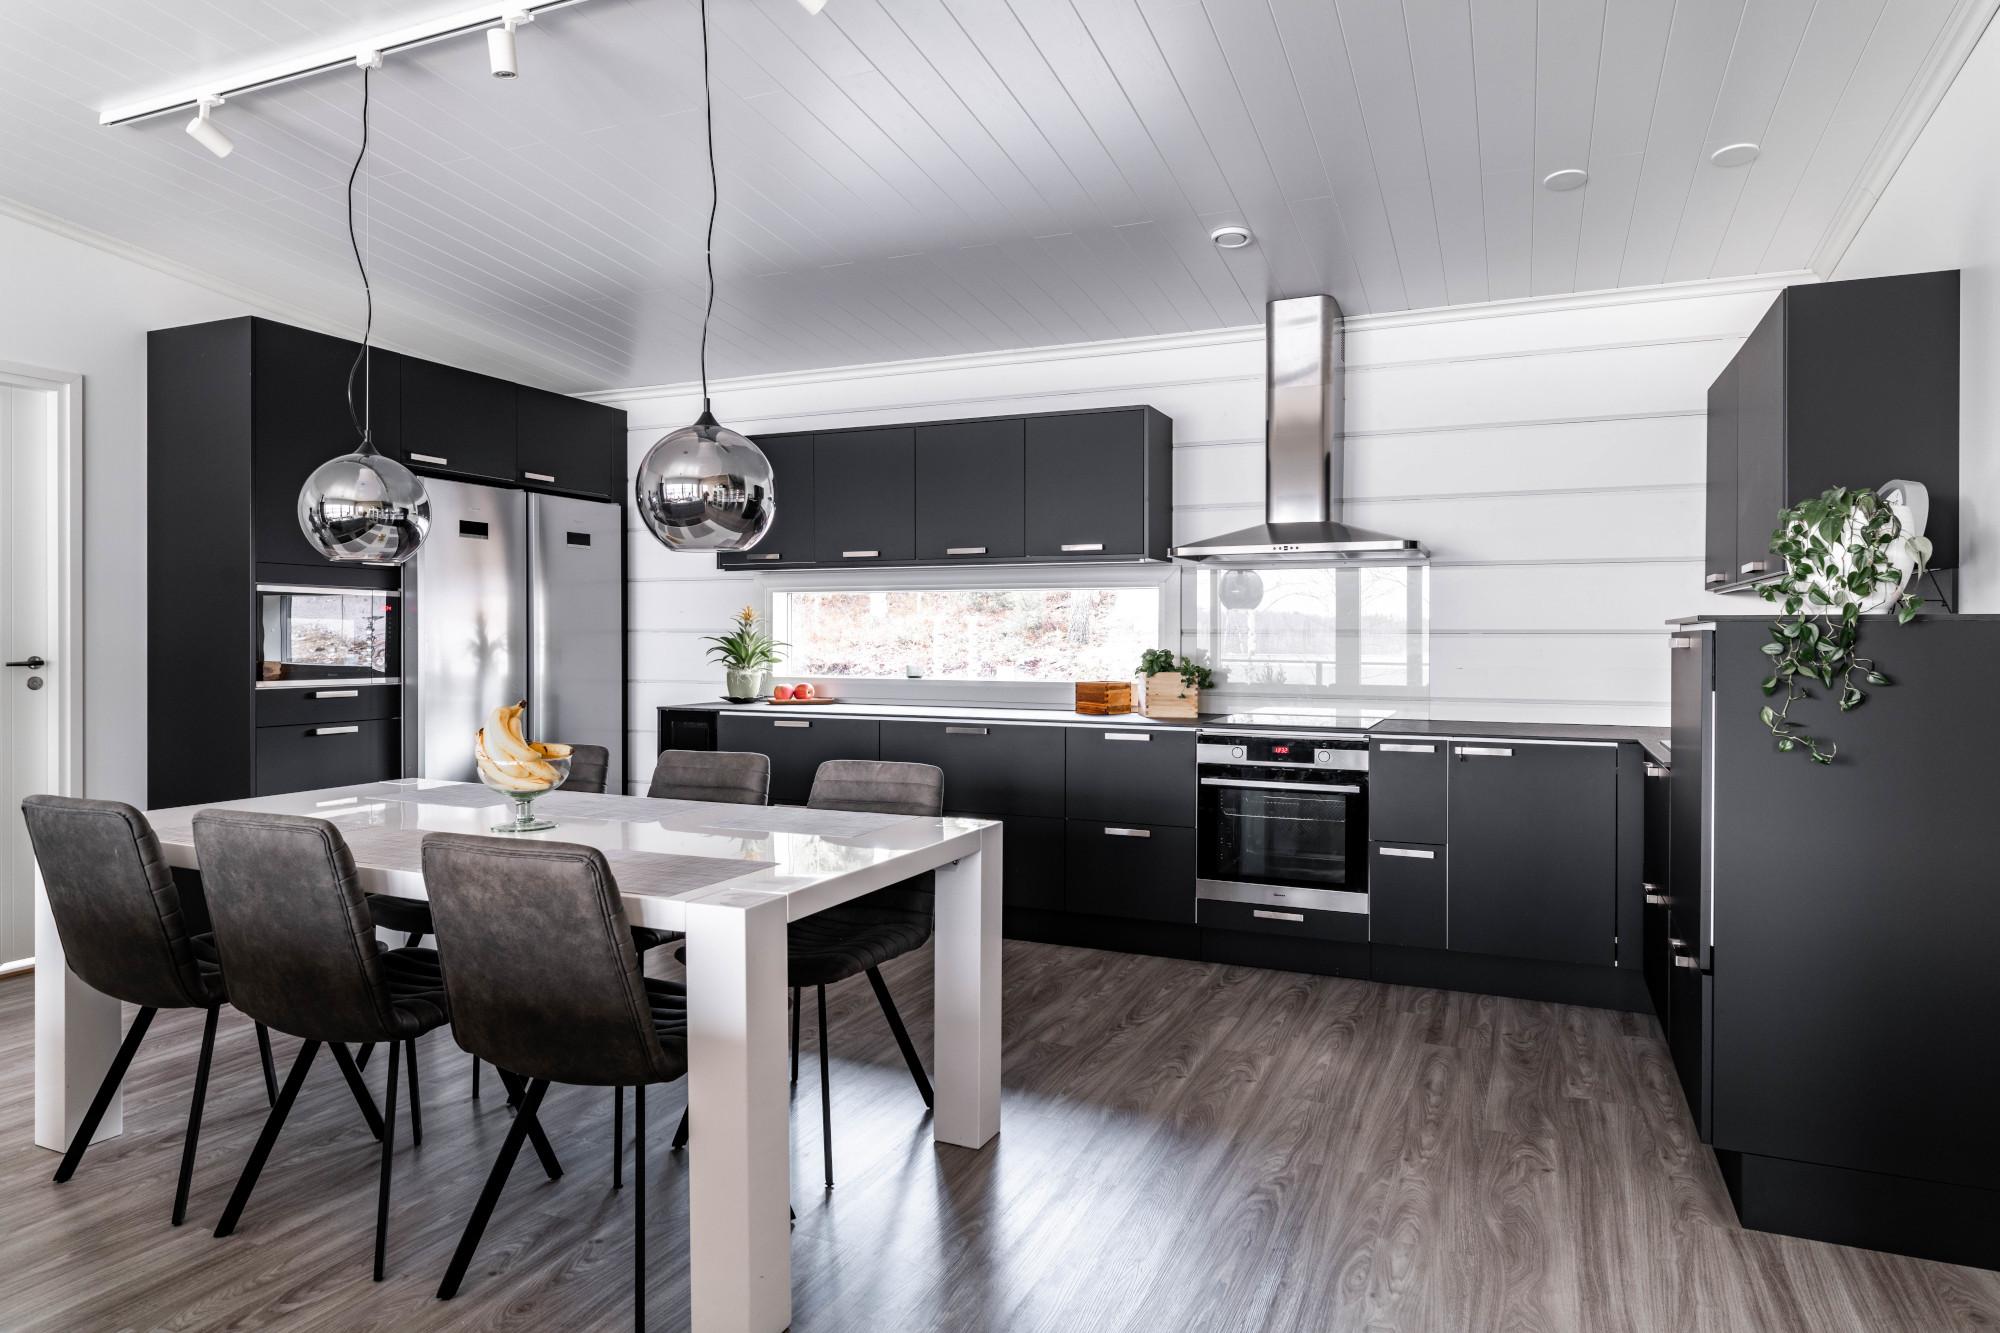 musta moderni keittiökalusteet savonlinna - mitta-keittiöt